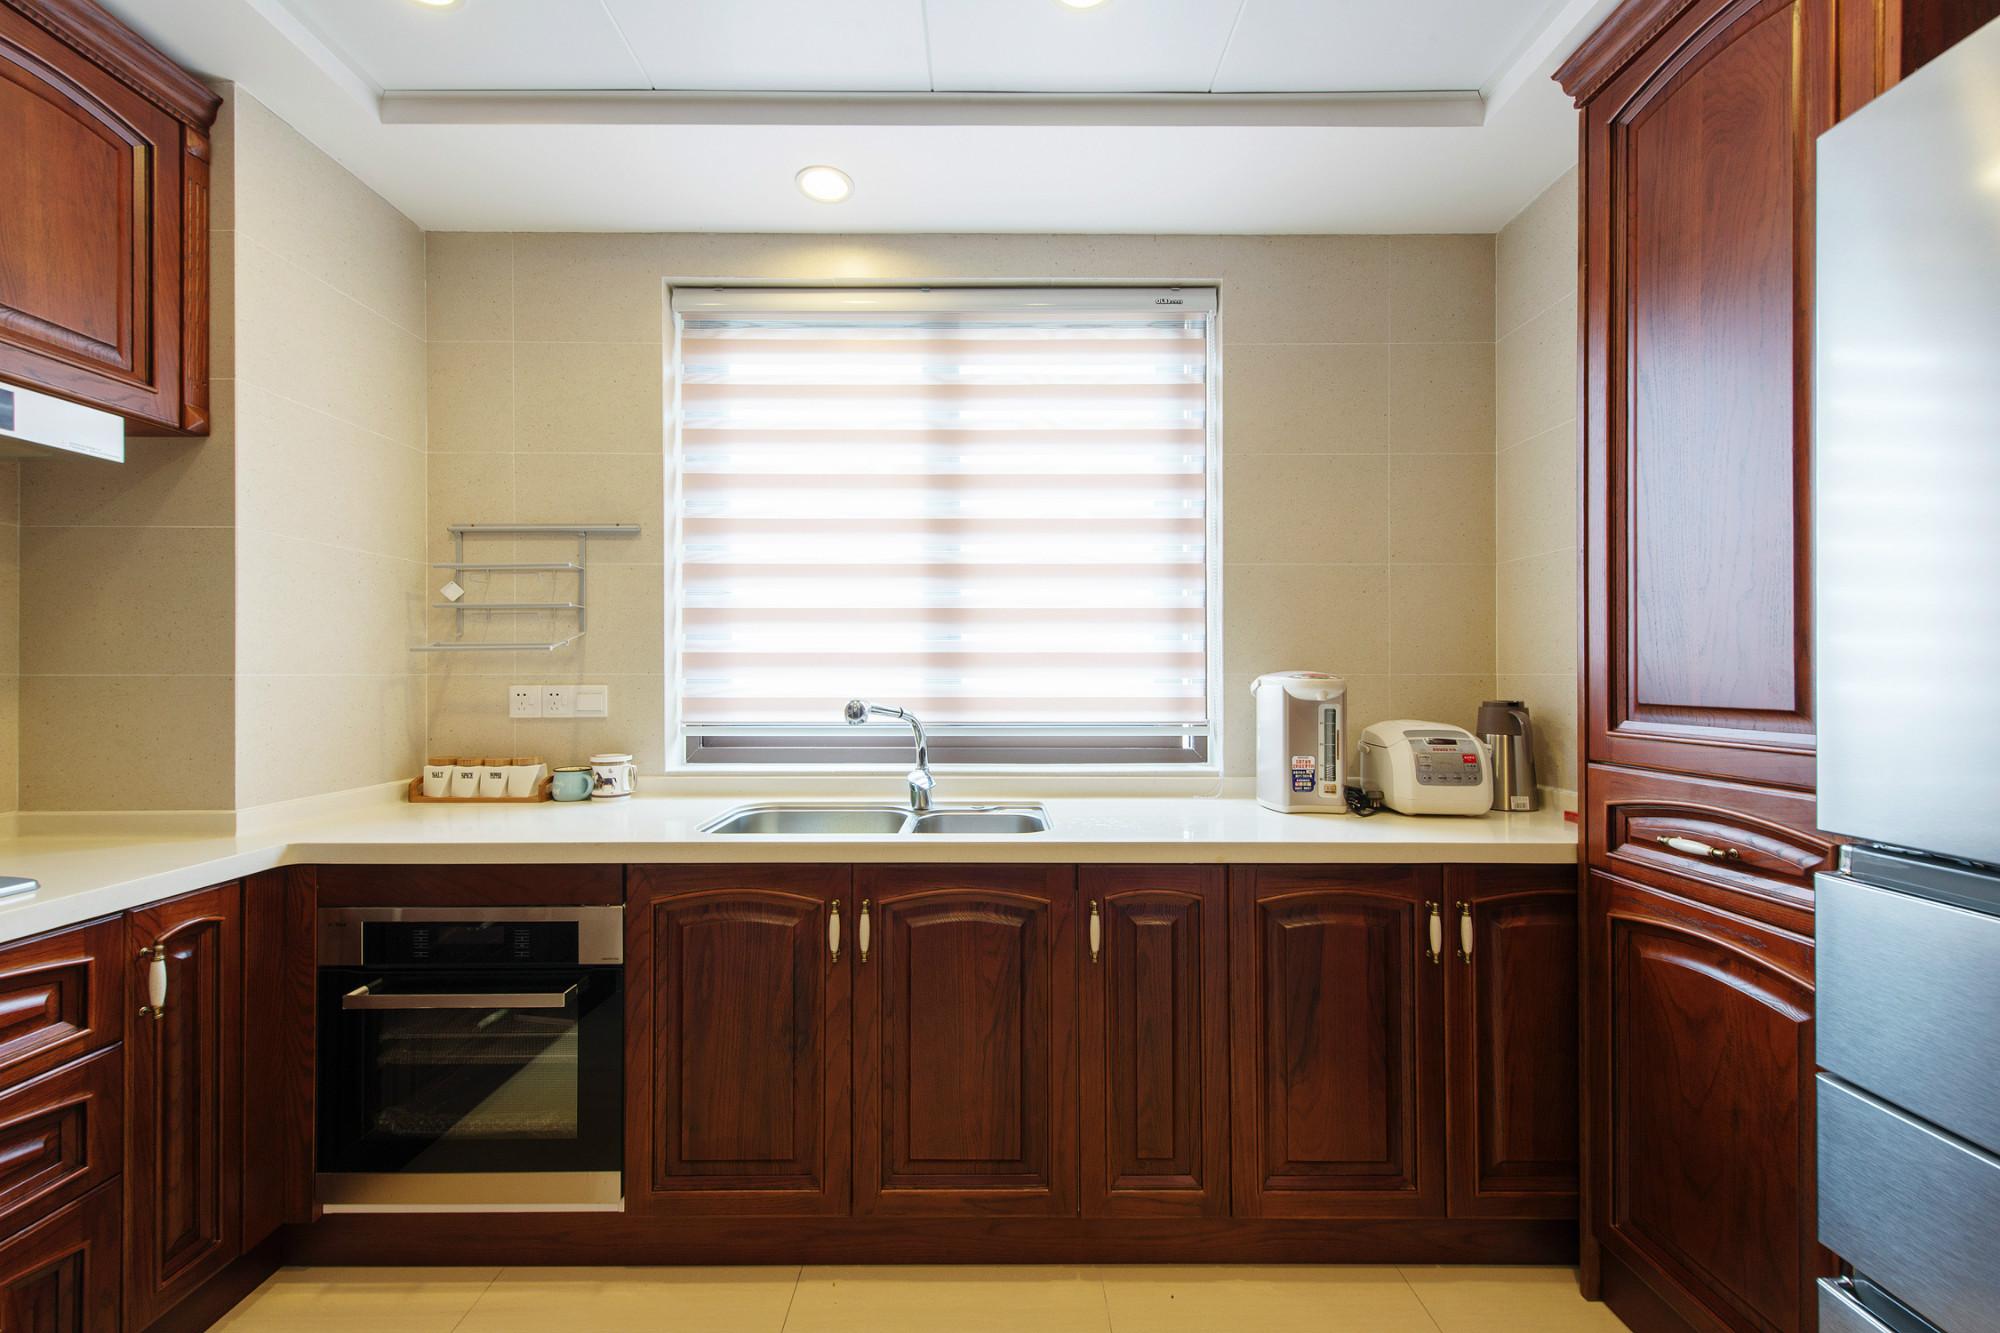 欧式四房装修厨房效果图